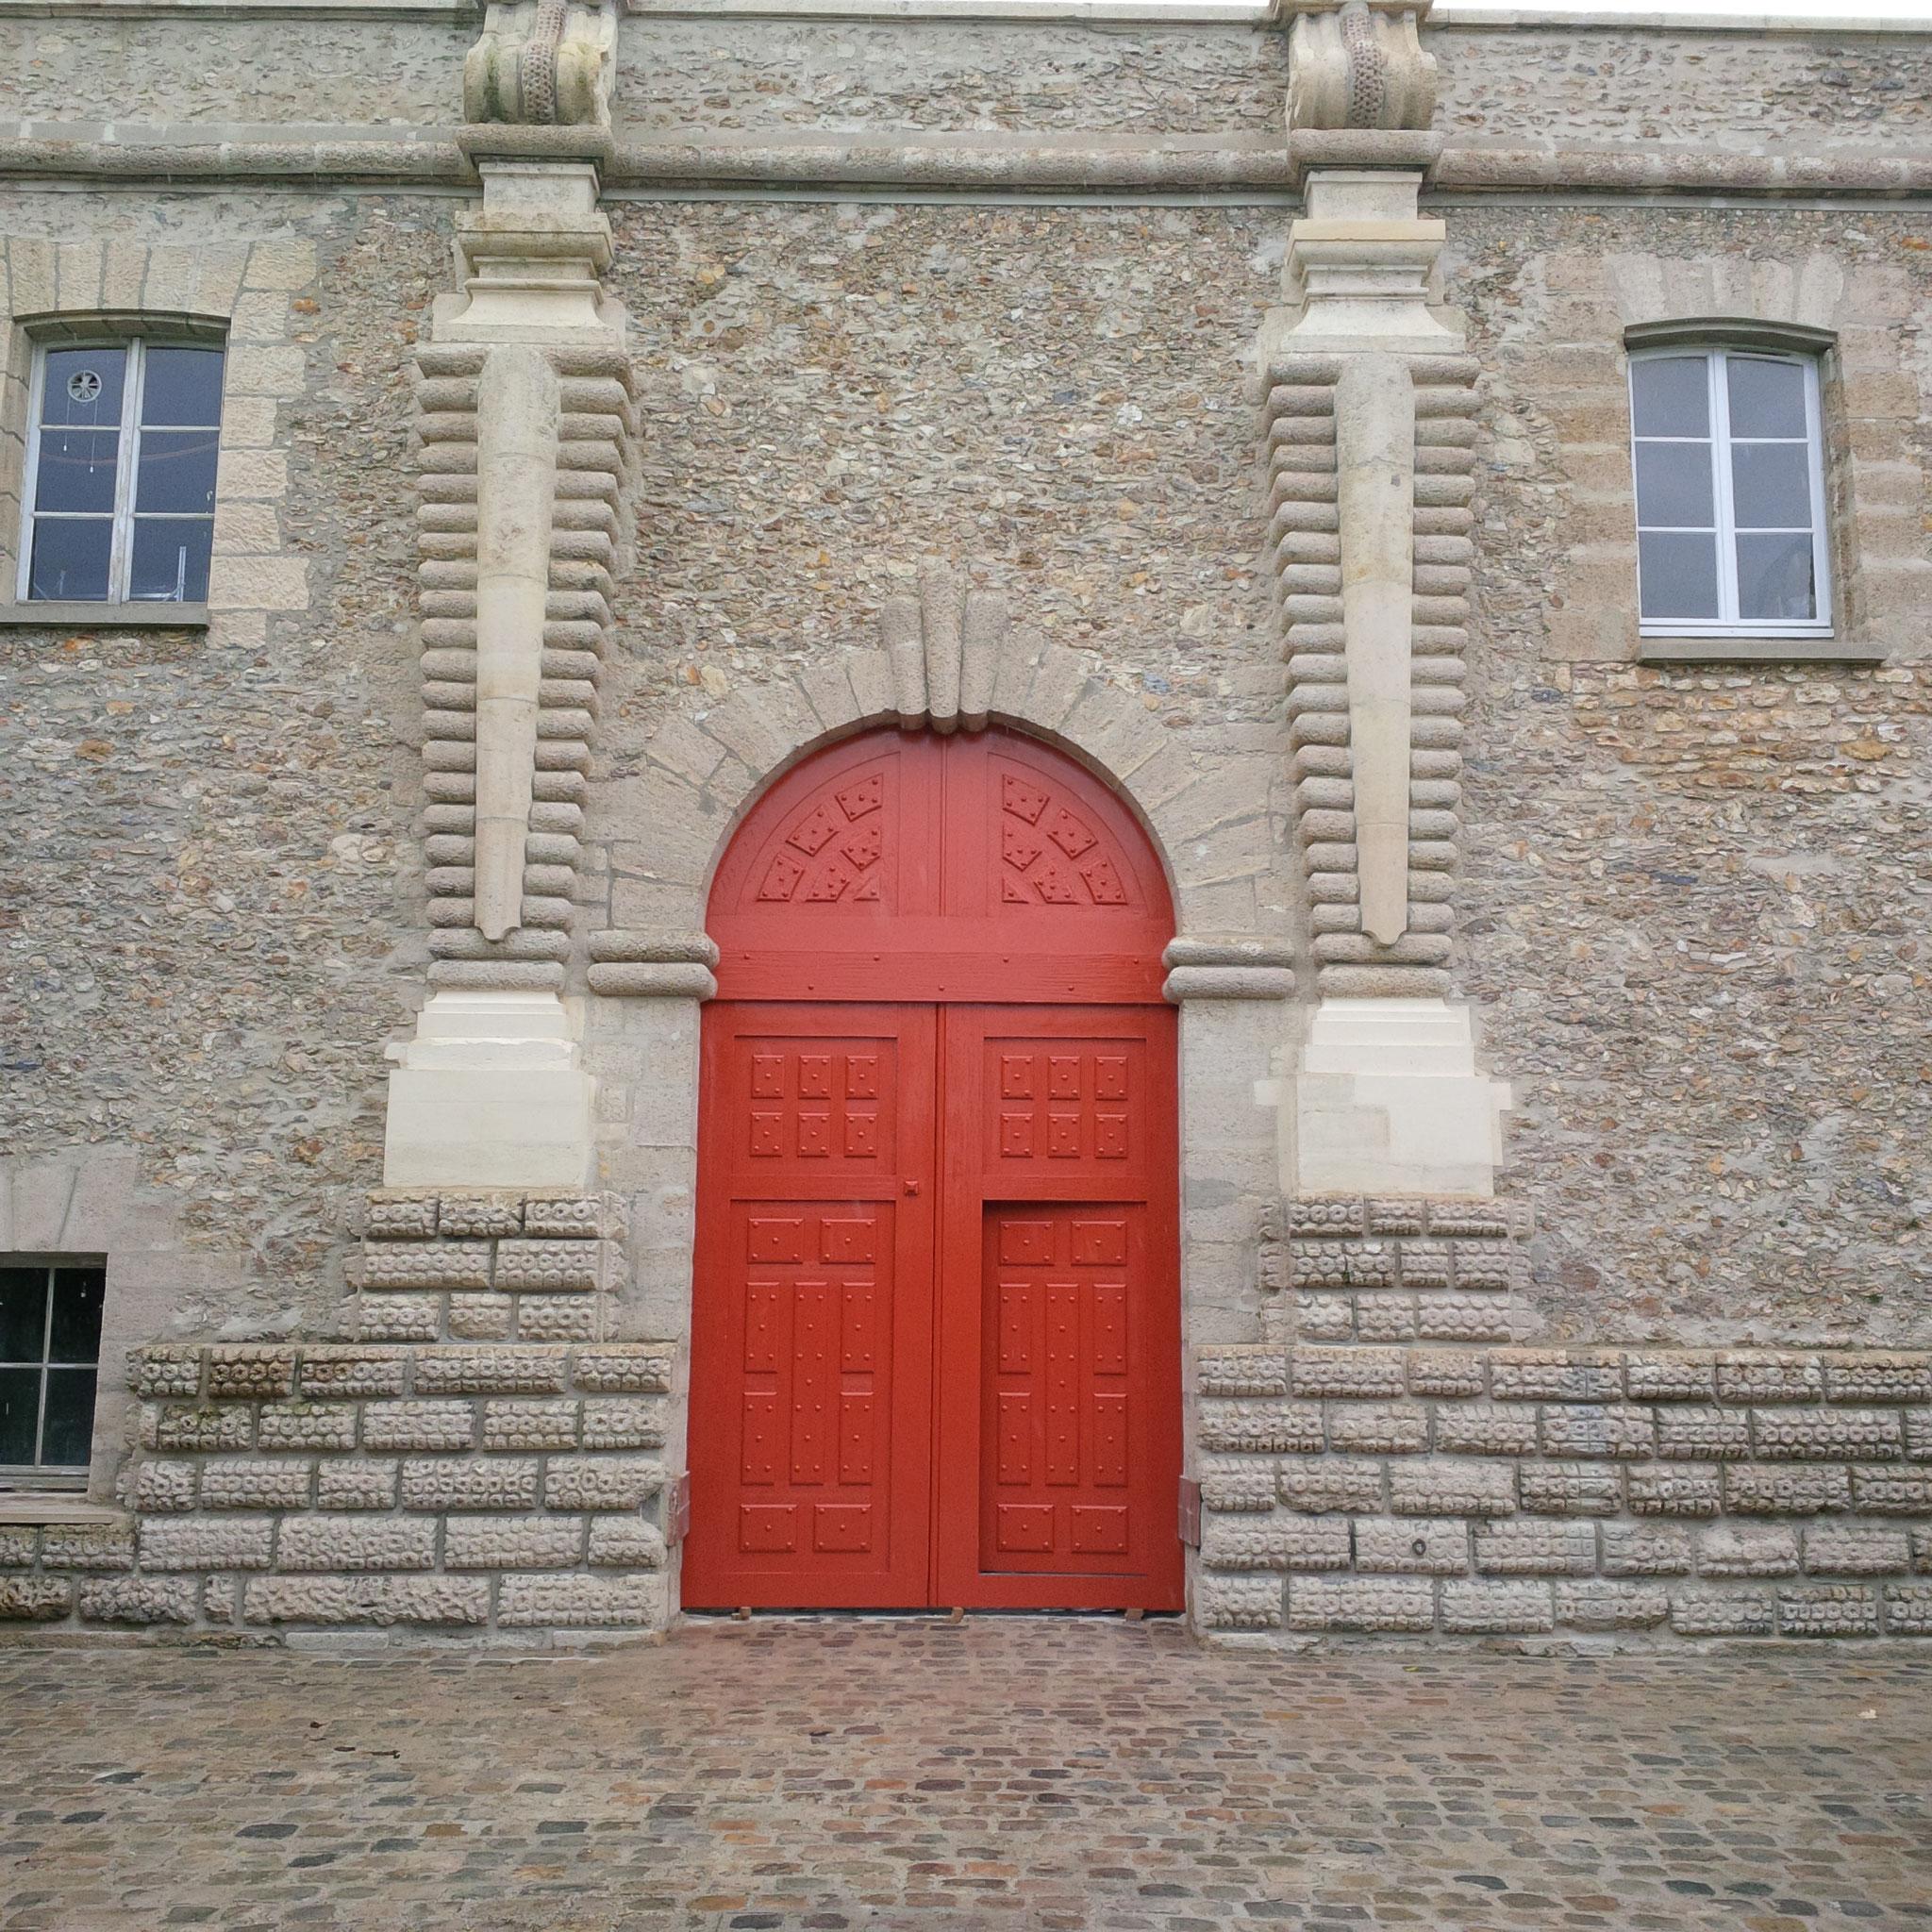 Restauration du portail de l'Observatoire de Paris à Meudon